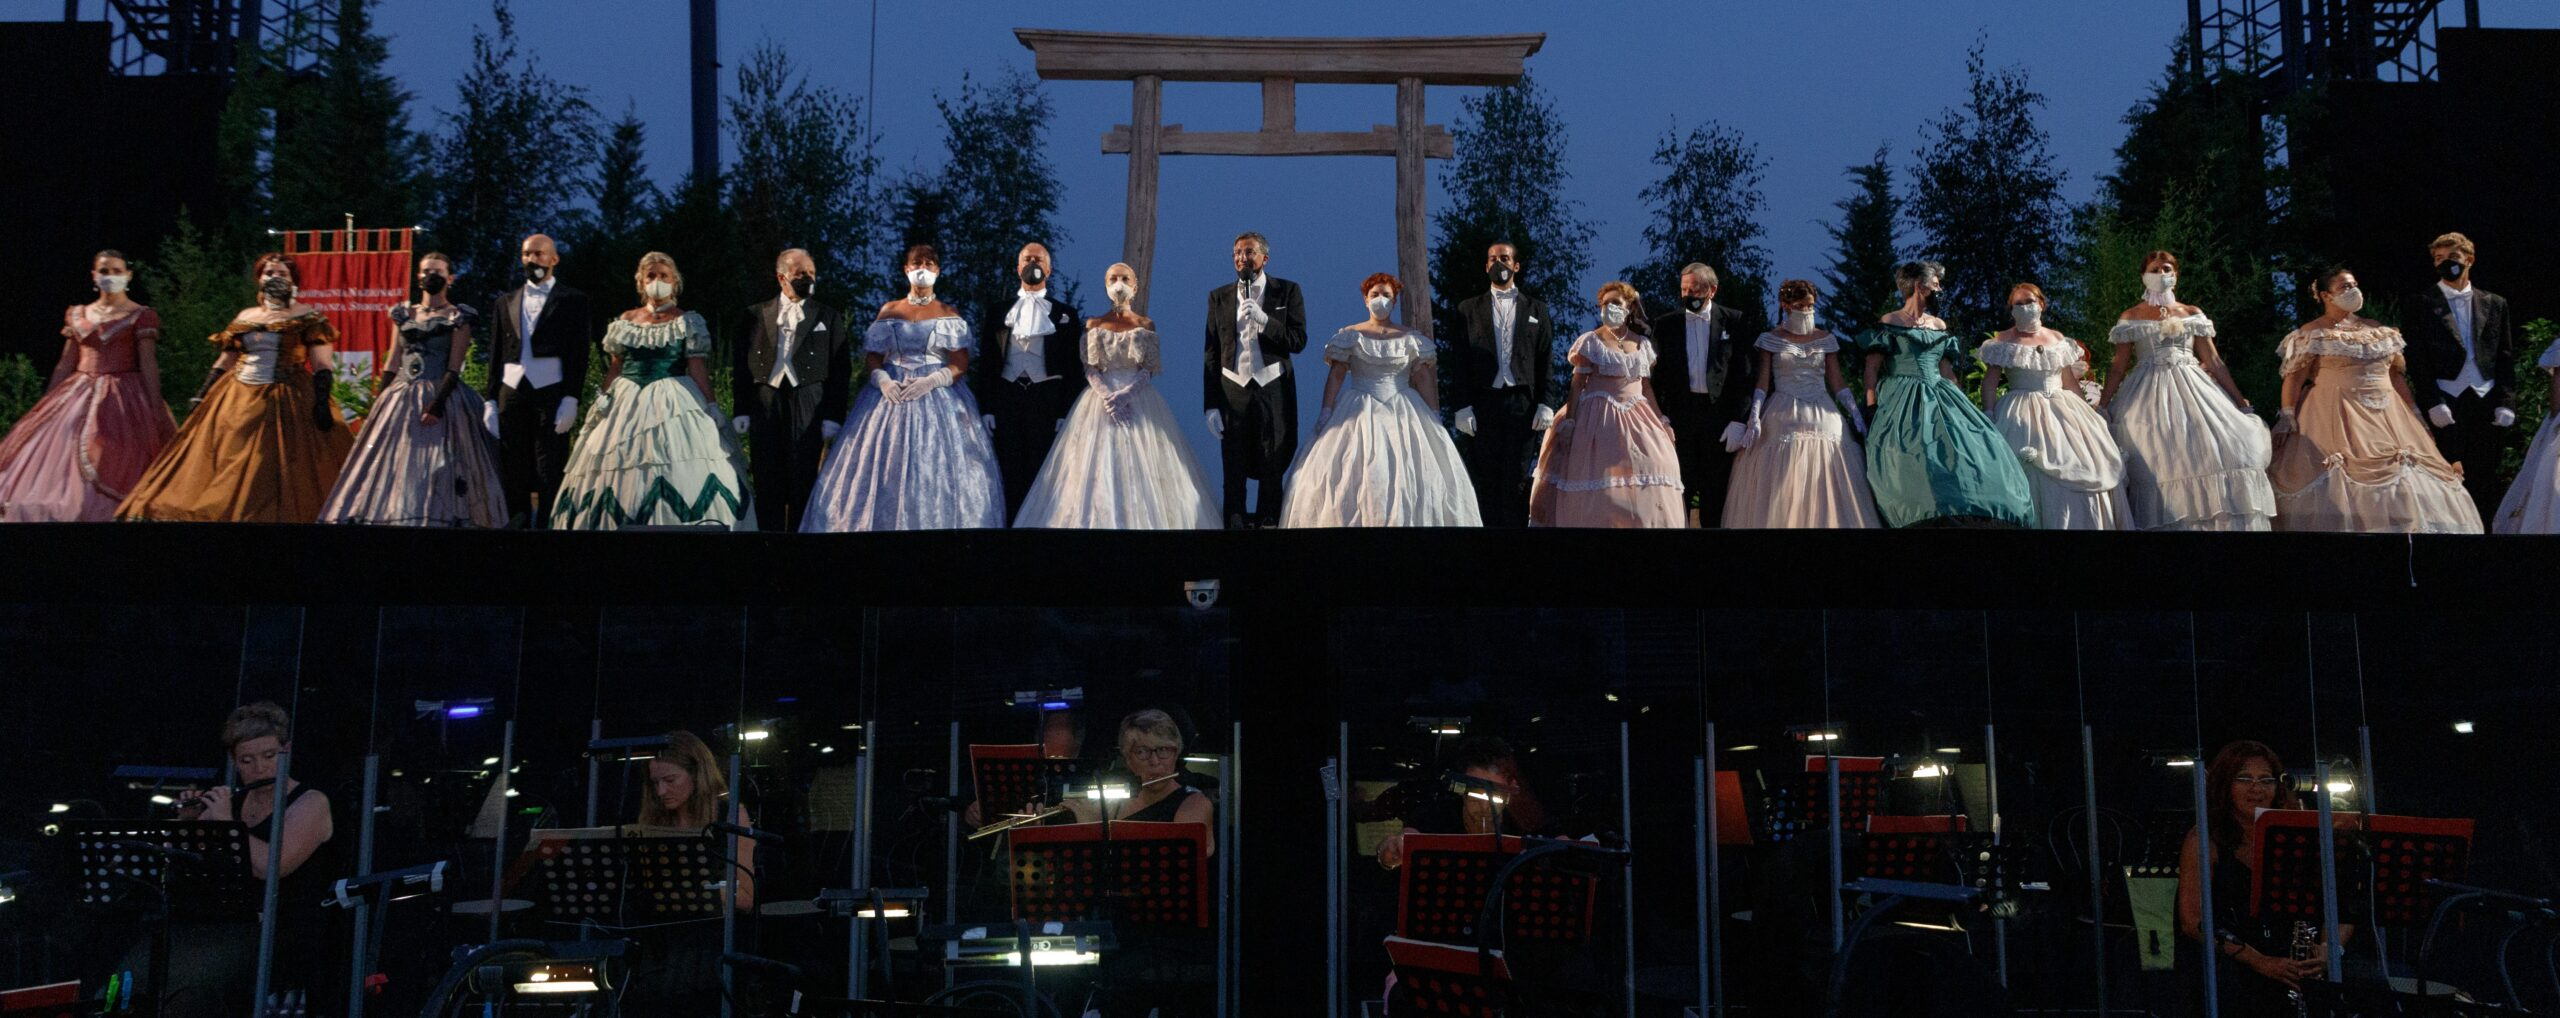 Danza, Viareggio: Il 6 e 7 agosto la Compagnia Nazionale di Danza Storica al 67° Festival Puccini con il Gran Ballo dell'800 e la Tosca